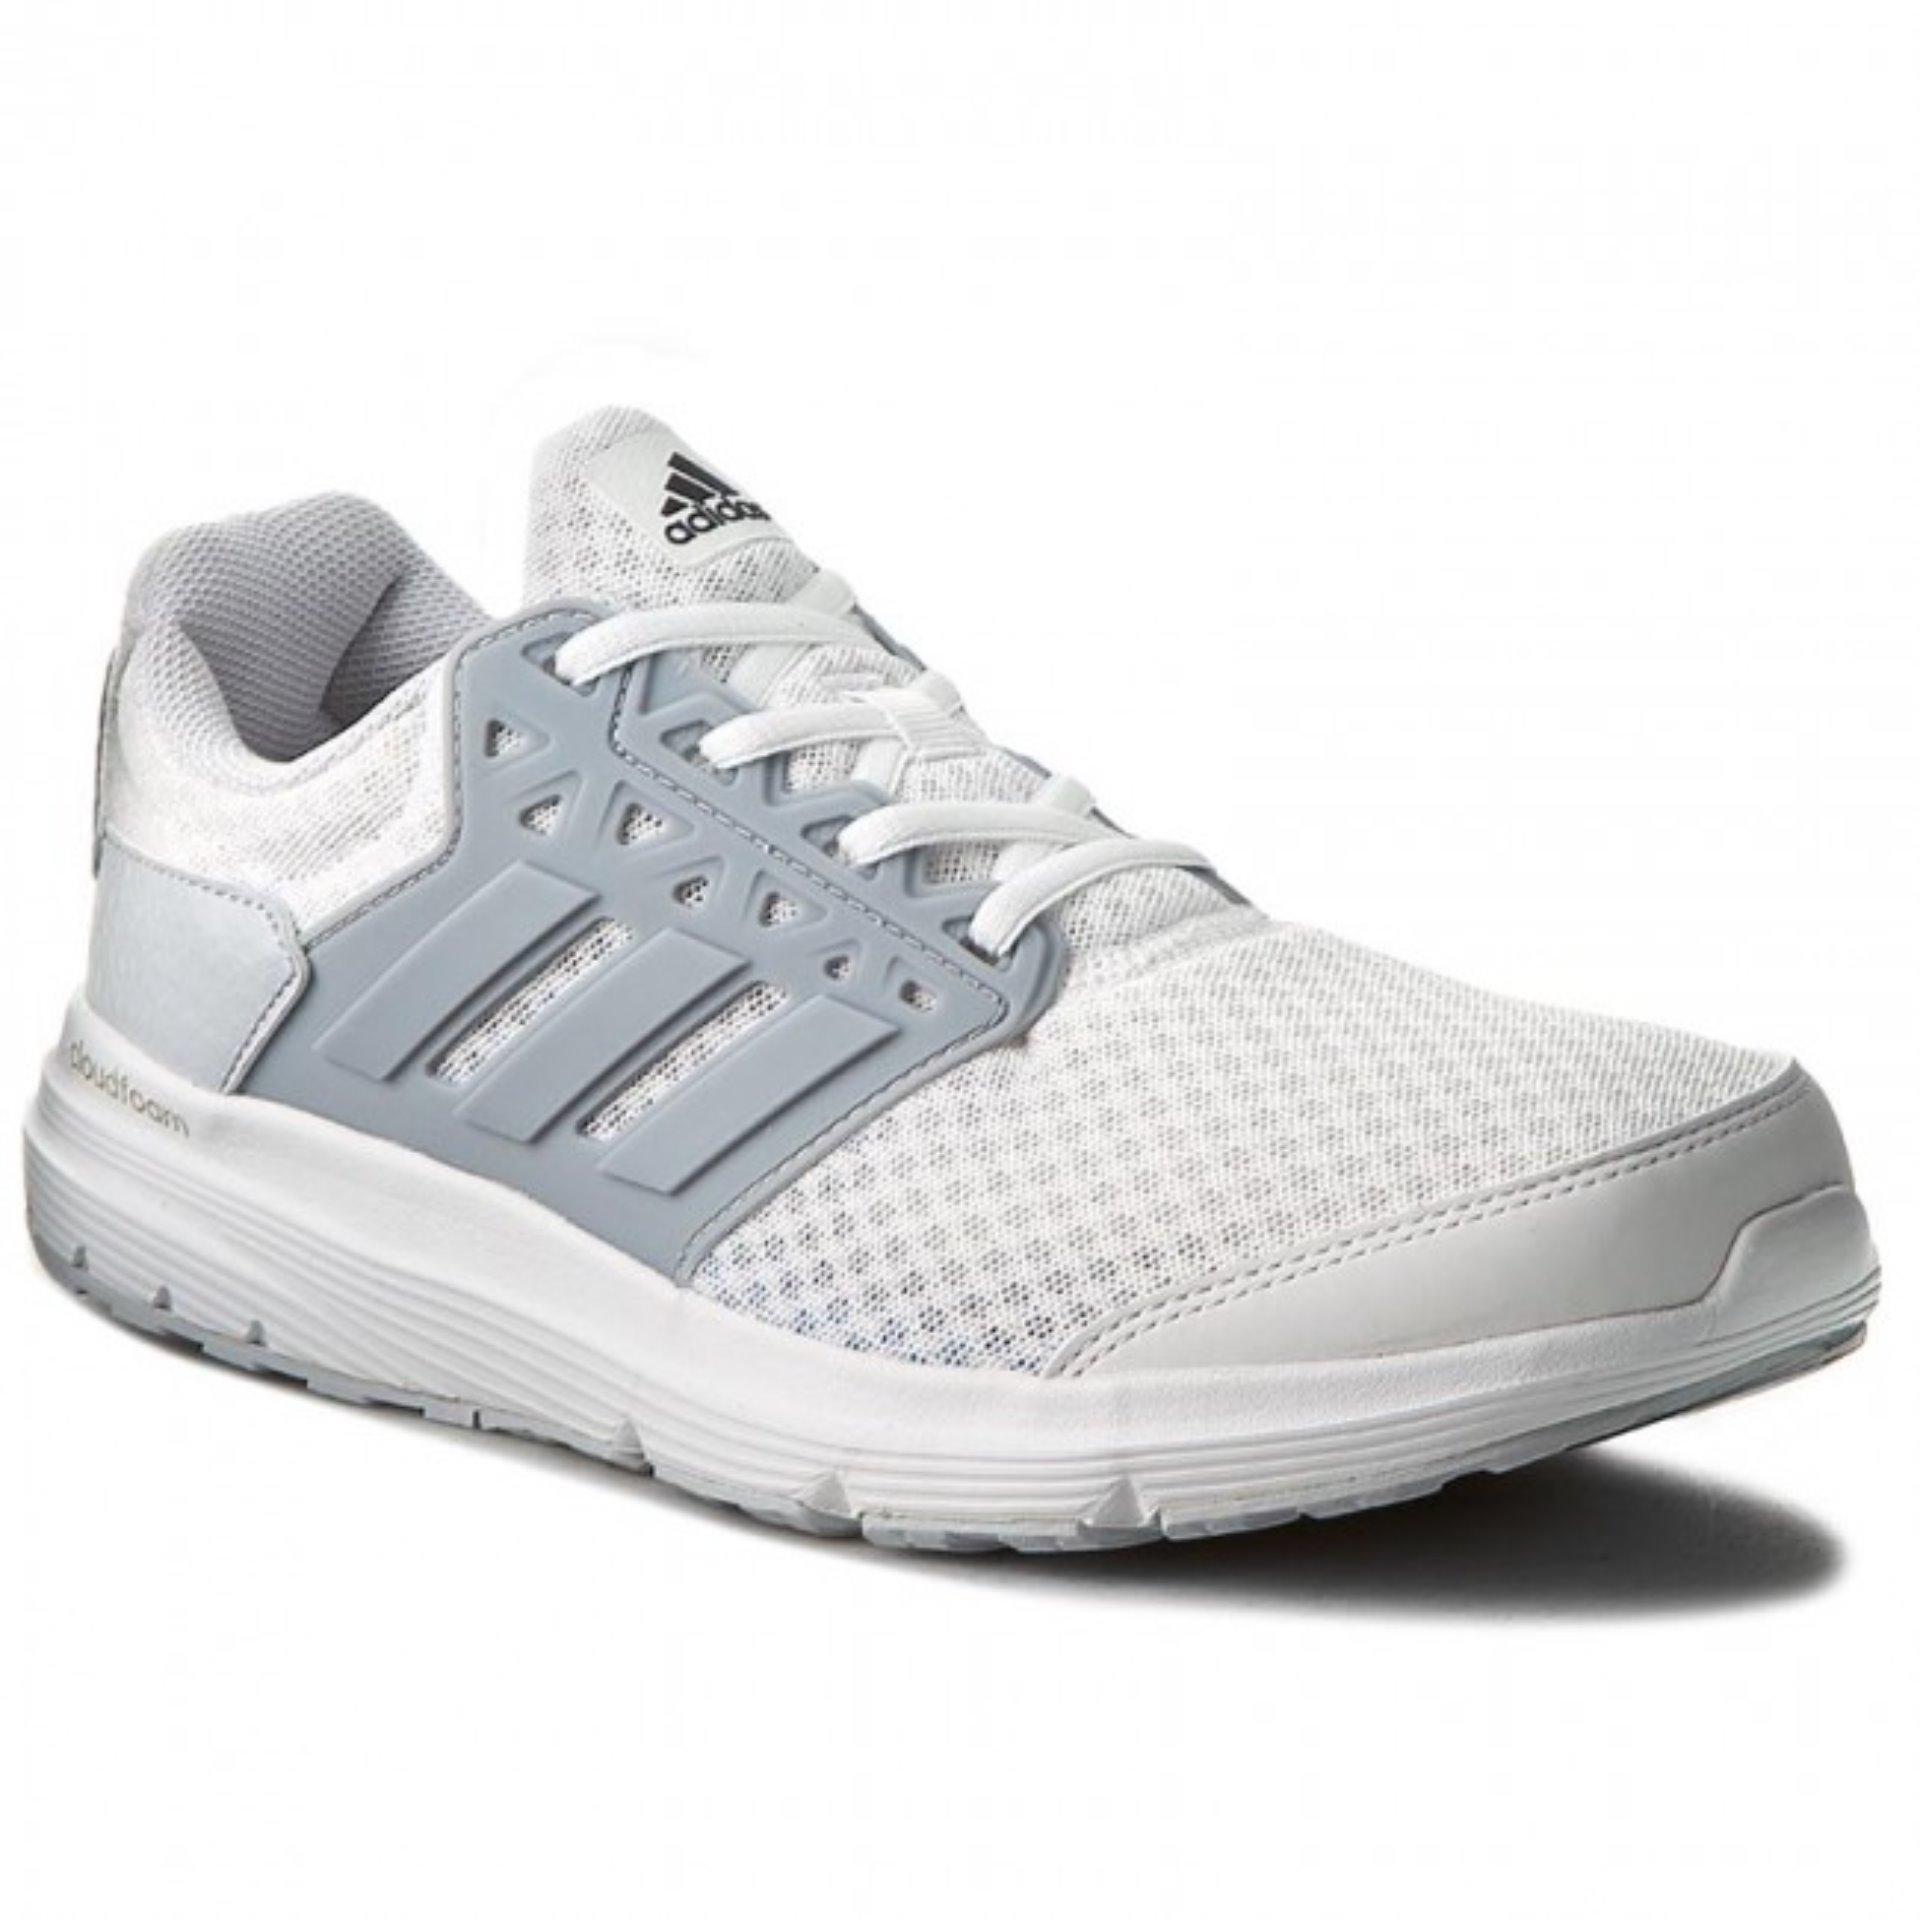 Toko Adidas Sepatu Running Galaxy 3 M Bb4359 Yang Bisa Kredit